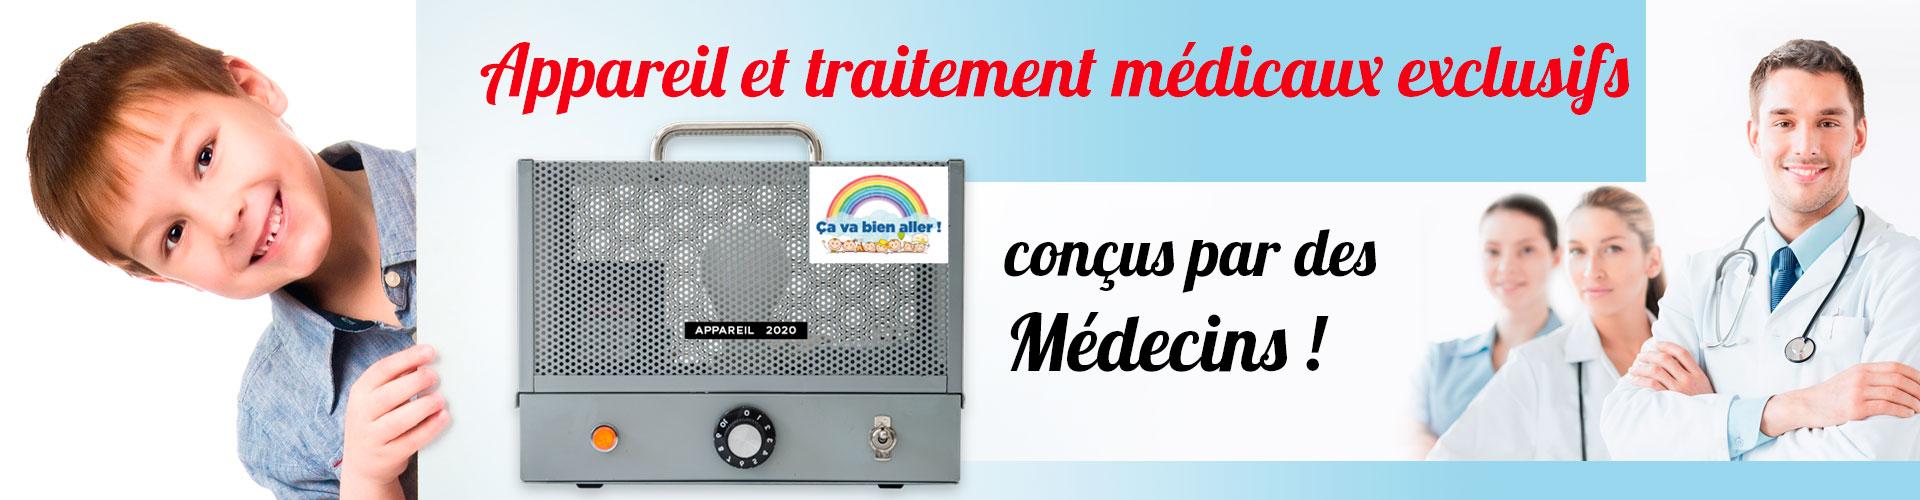 Les appareils pour le traitement de l'énurésie Urino-Arrêt ont été conçus par des médecins.